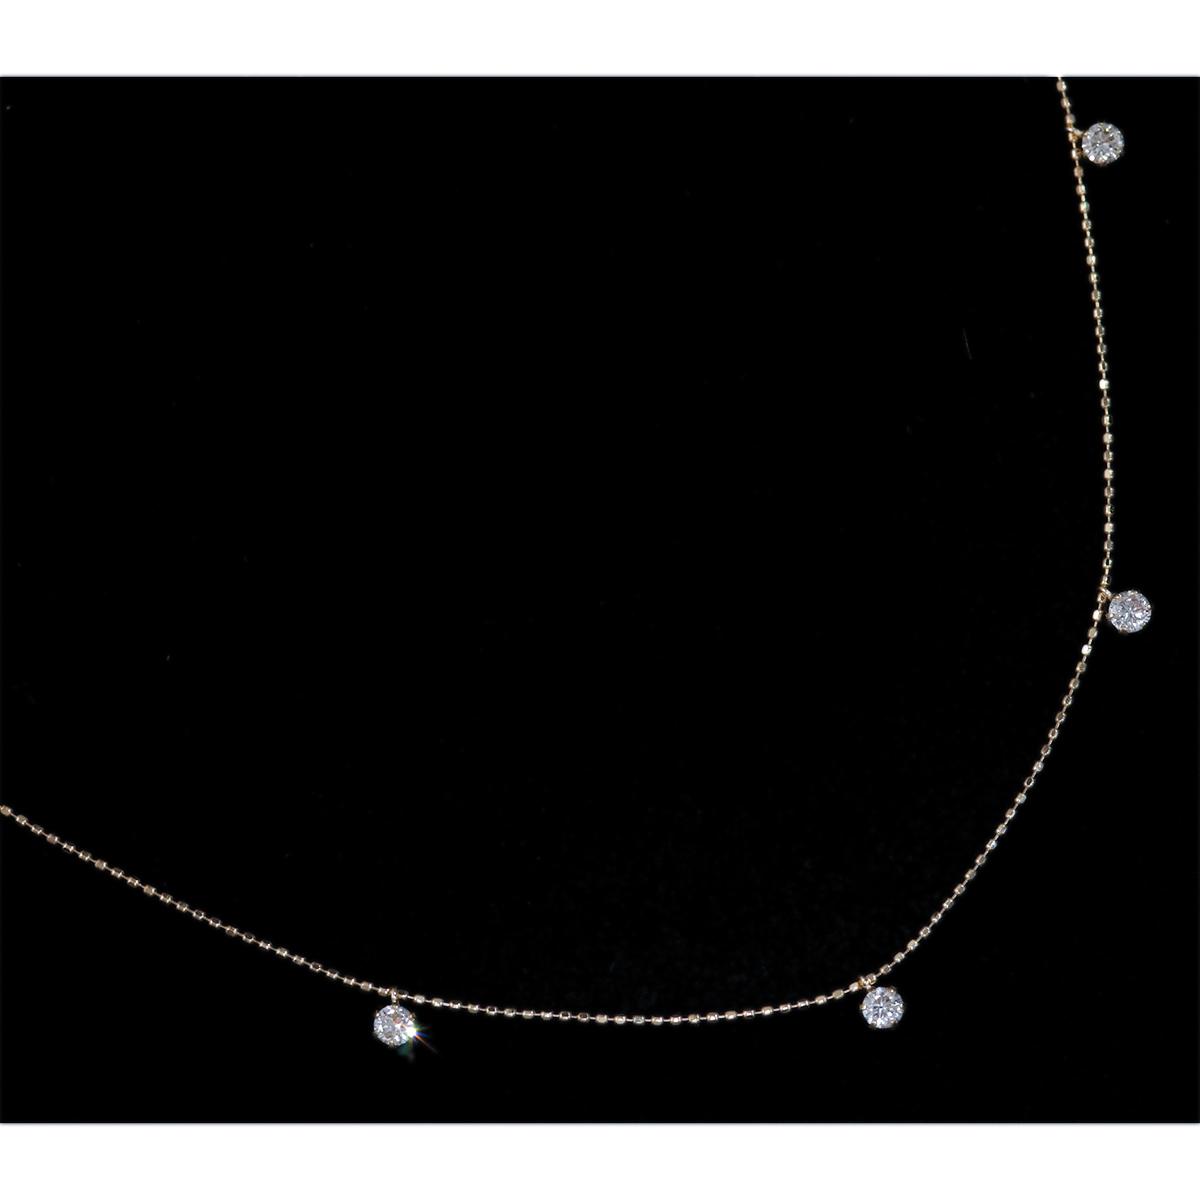 *NC2078【Lucky 7 Necklace】令和新作3年モデル! 天然上質ダイヤモンド0.50ct 最高級18金無垢ネックレス ブライダル!業者にも!